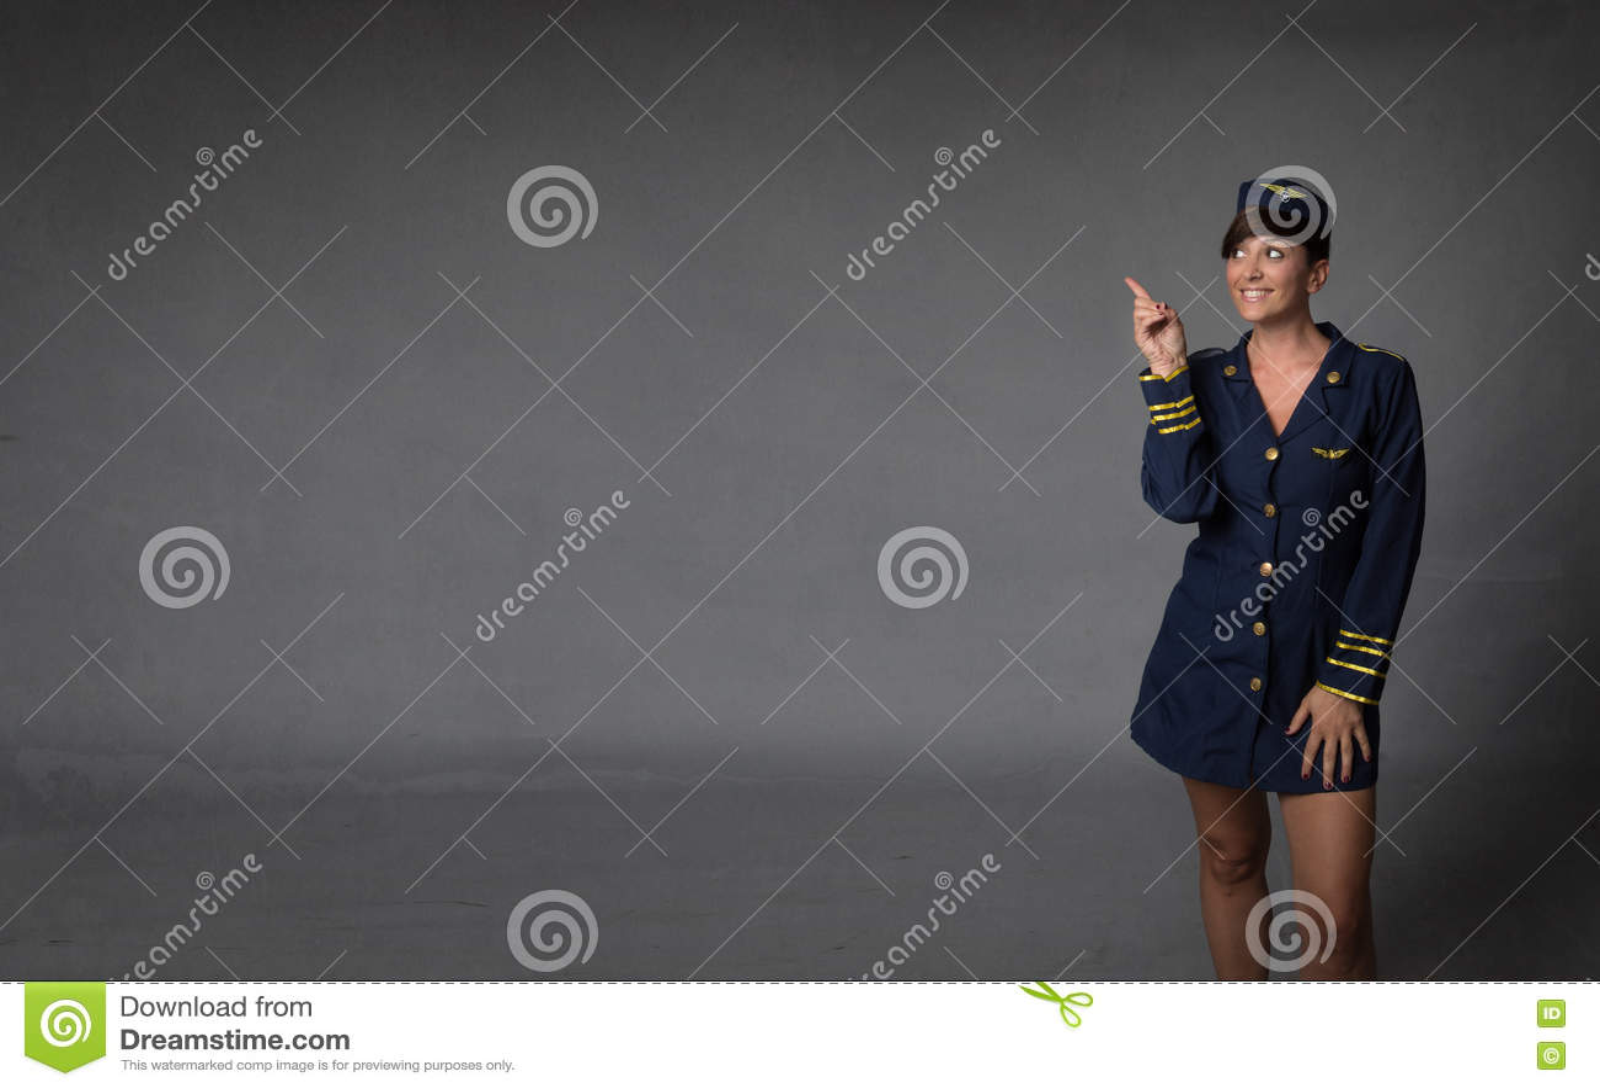 Assistente di volo indicata con il dito